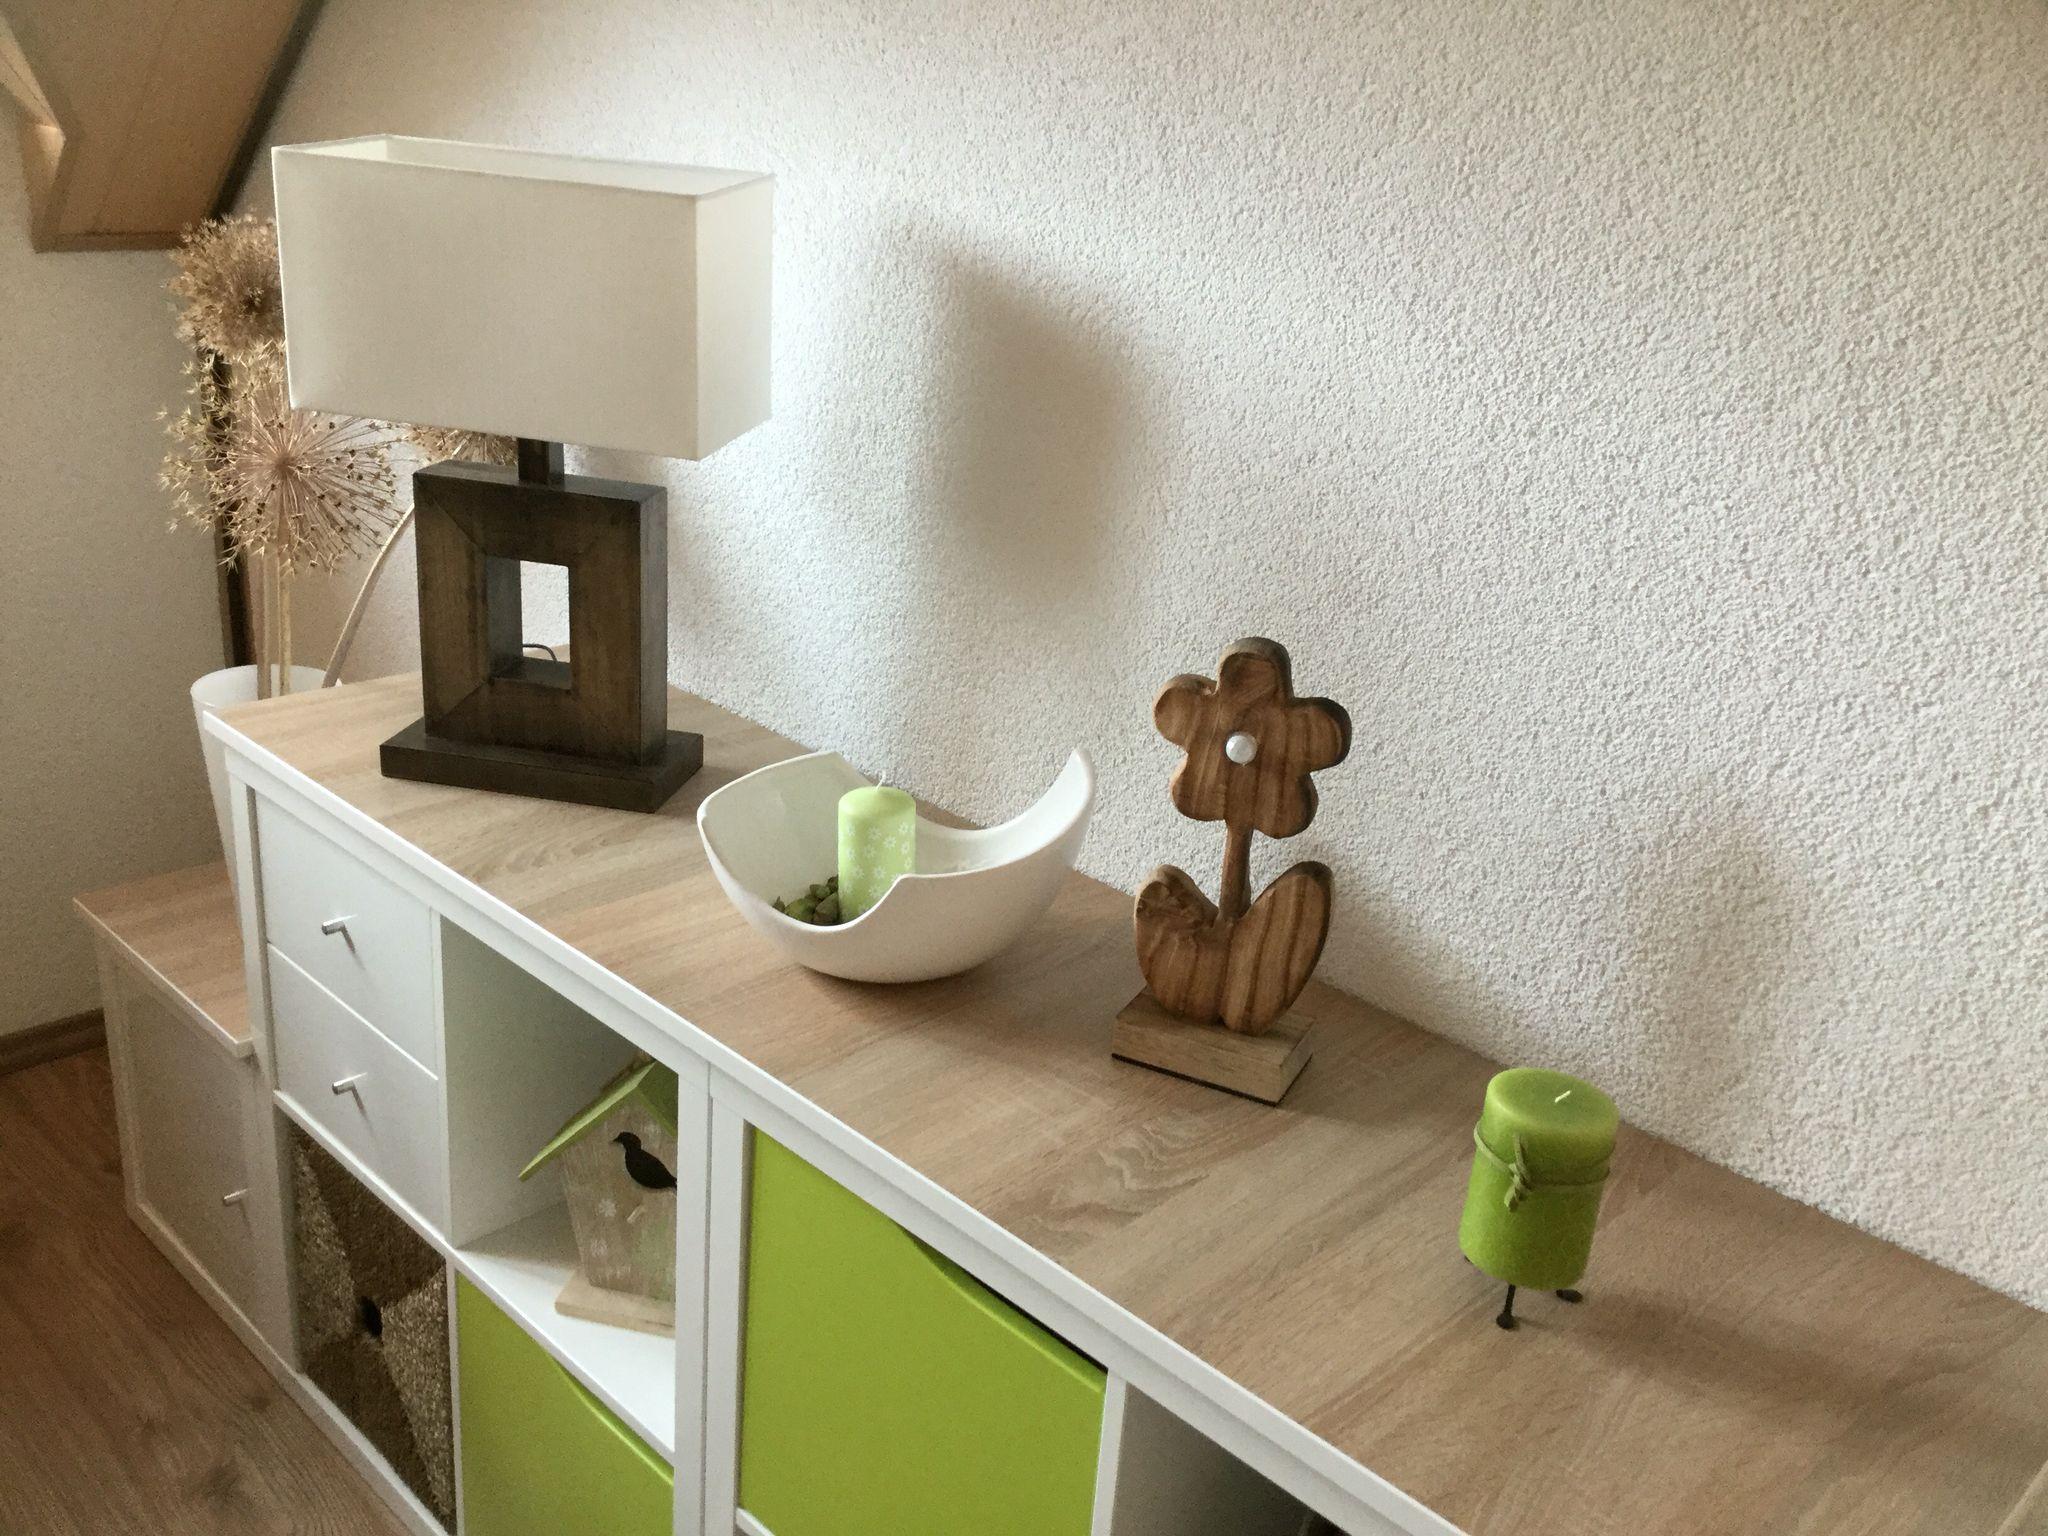 Ikea kallax und dann einfach eine angefertigte holzplatte auflegen einrichtung pinterest - Kallax ideen wohnzimmer ...